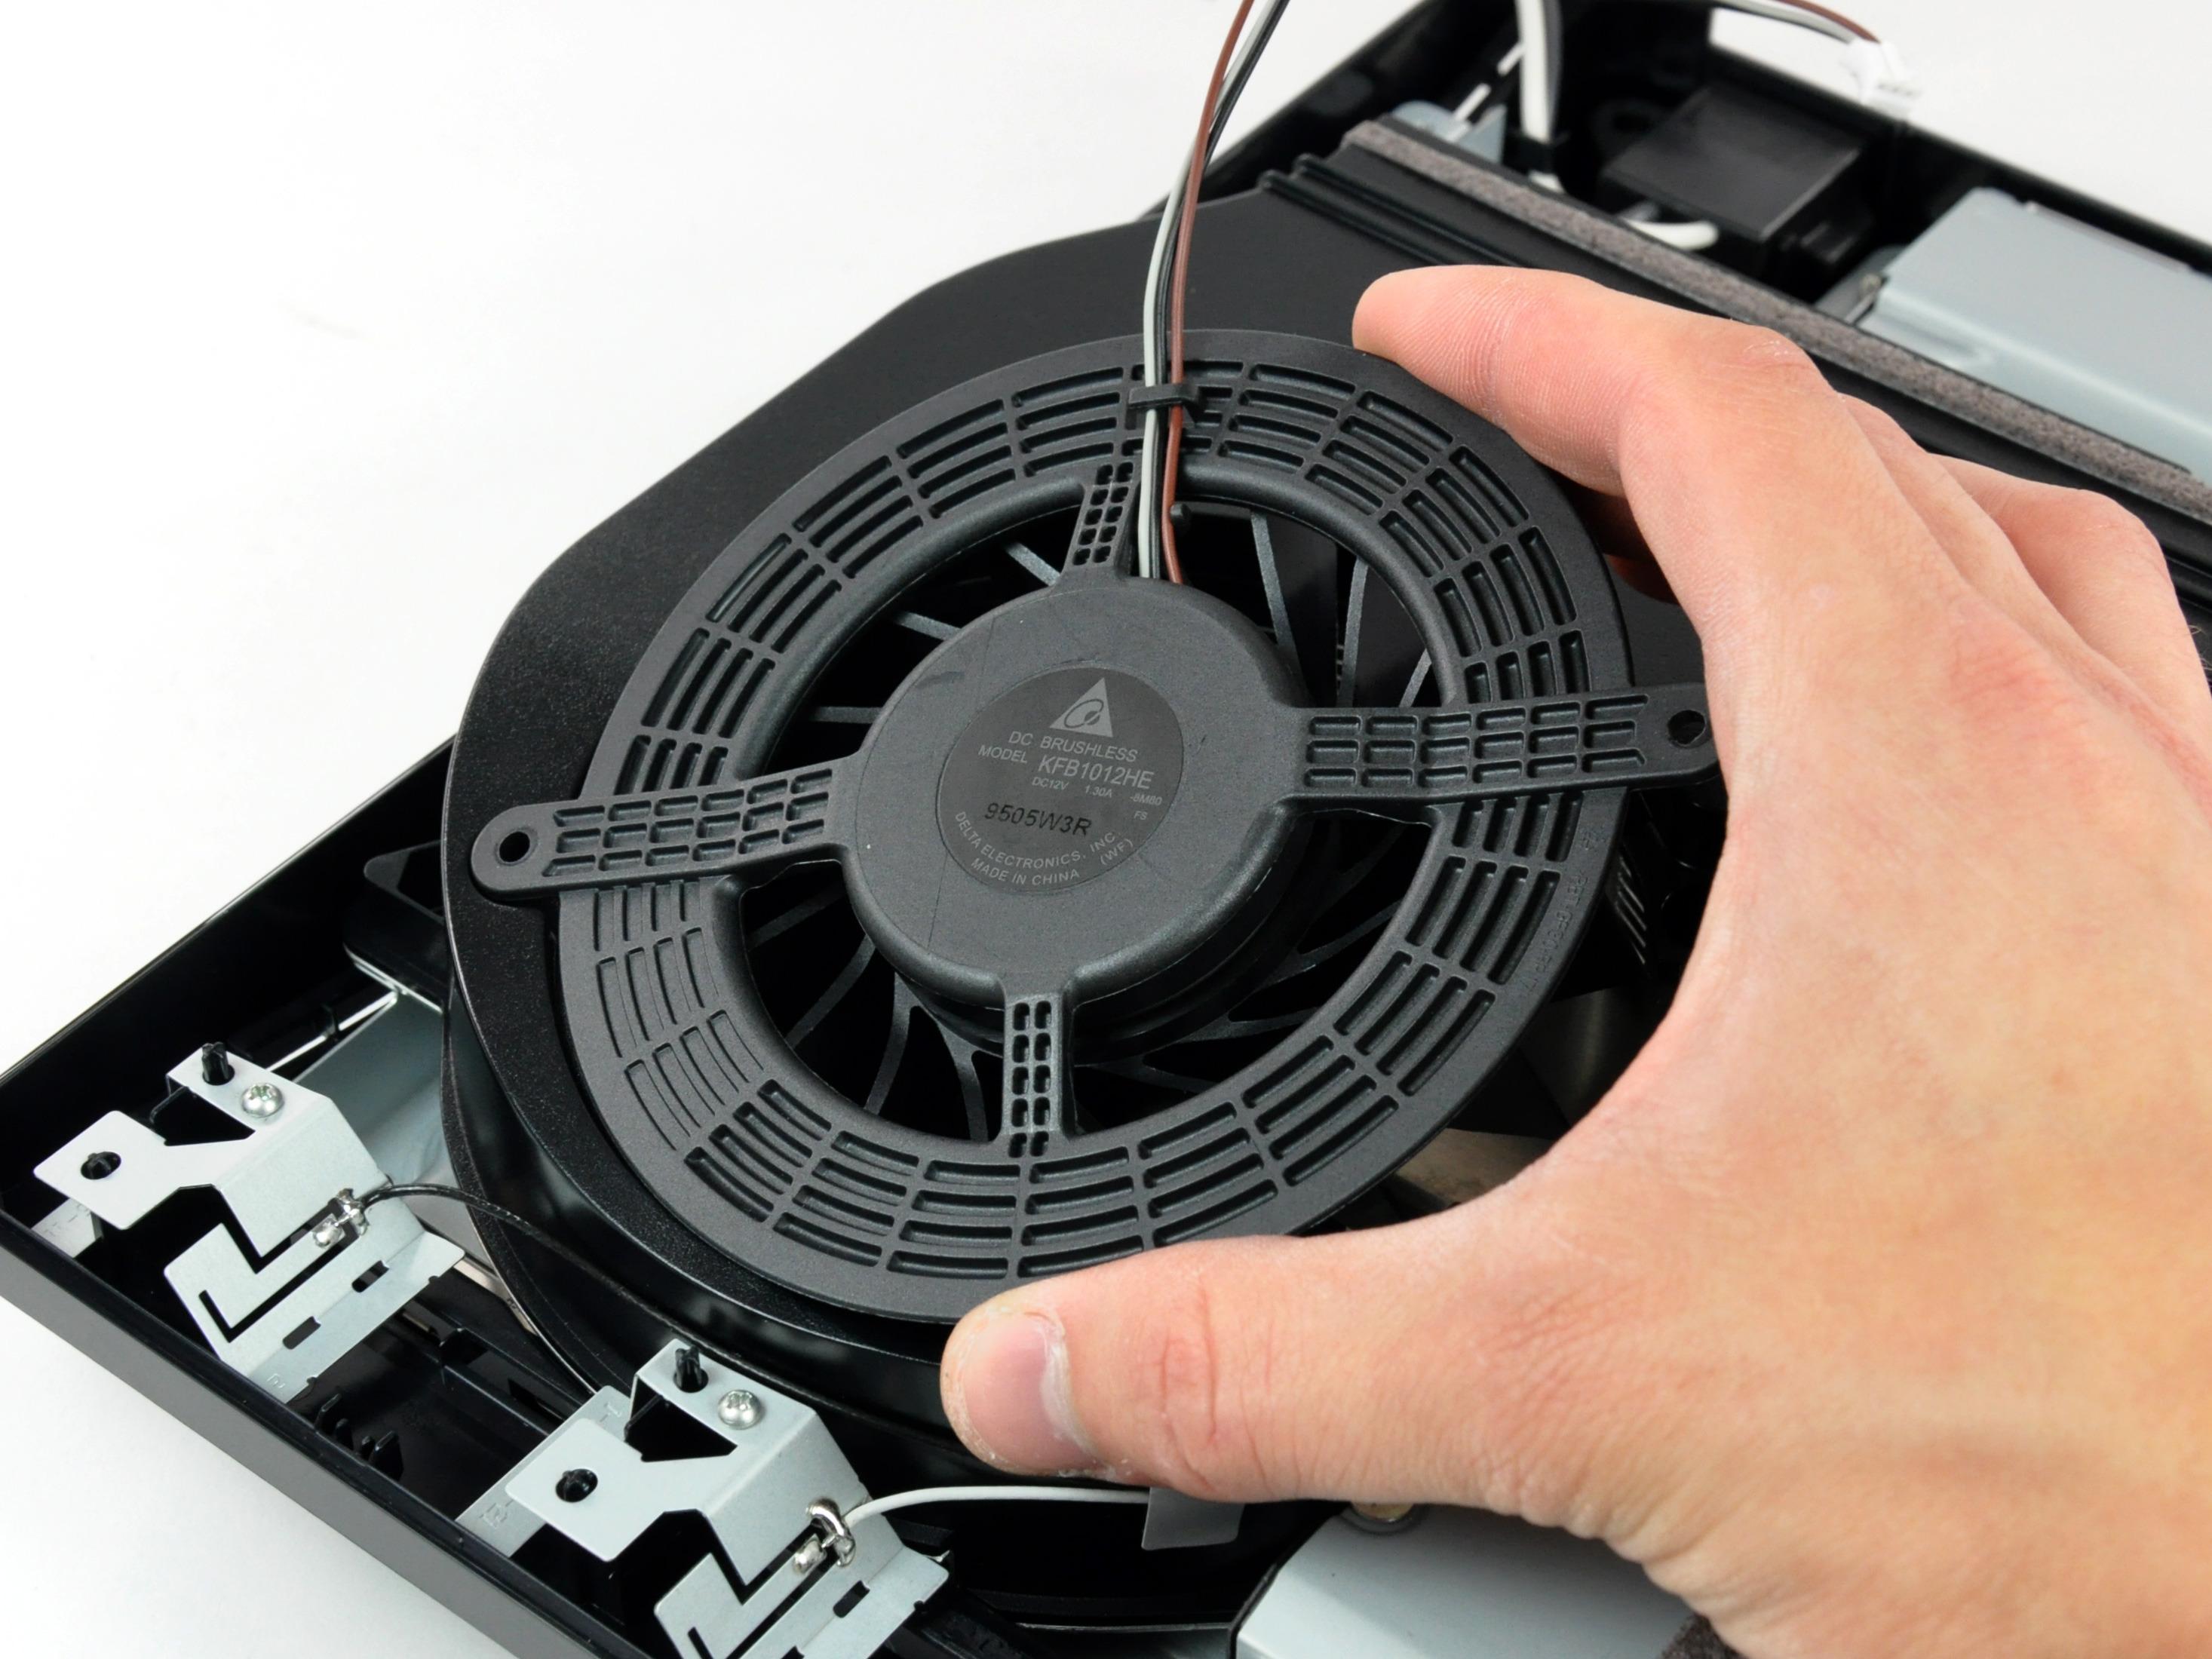 PlayStation 3 Slim Repair - iFixit